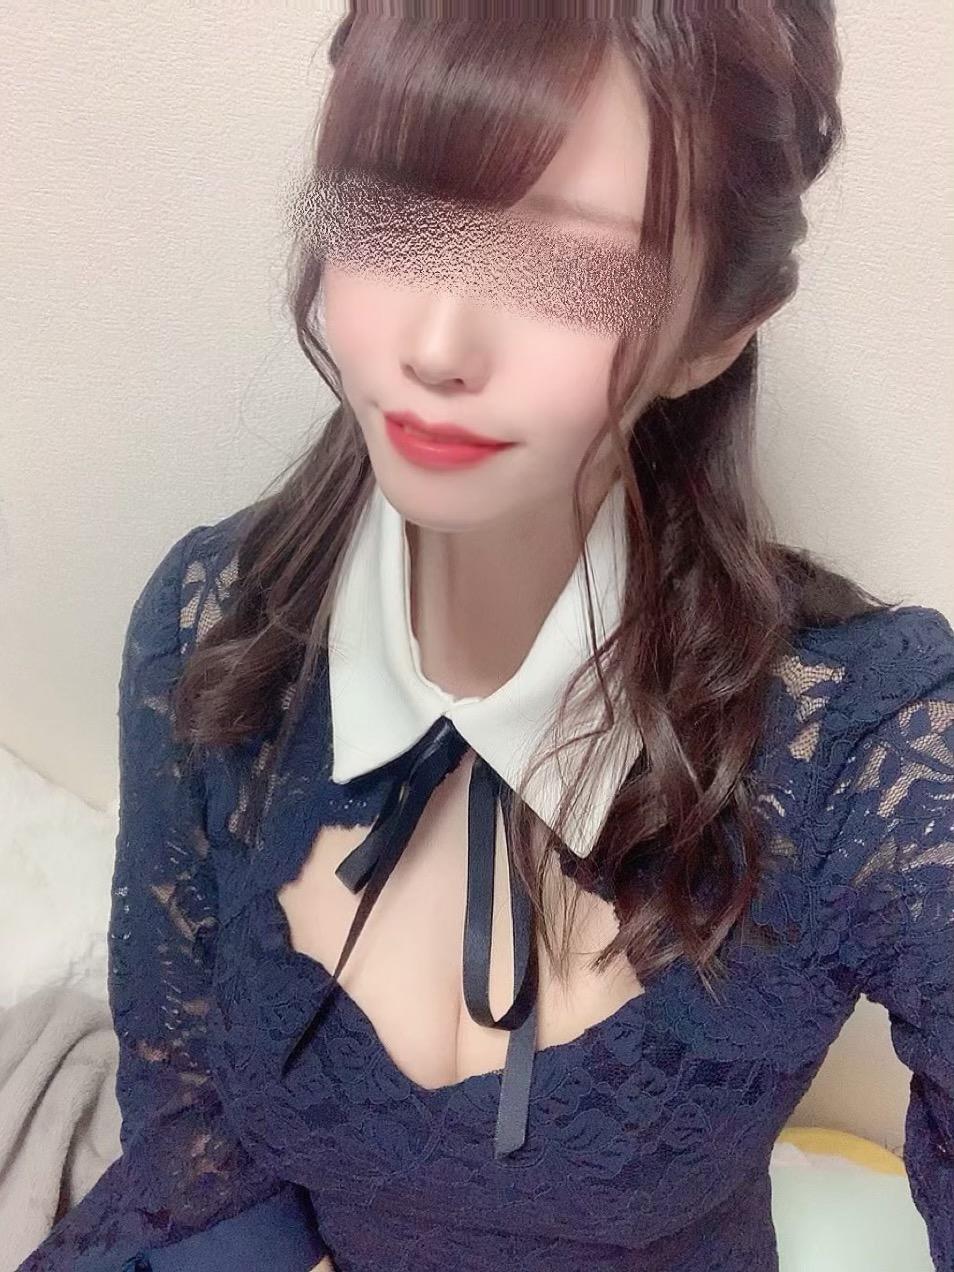 高級デリヘル|藤野 愛莉